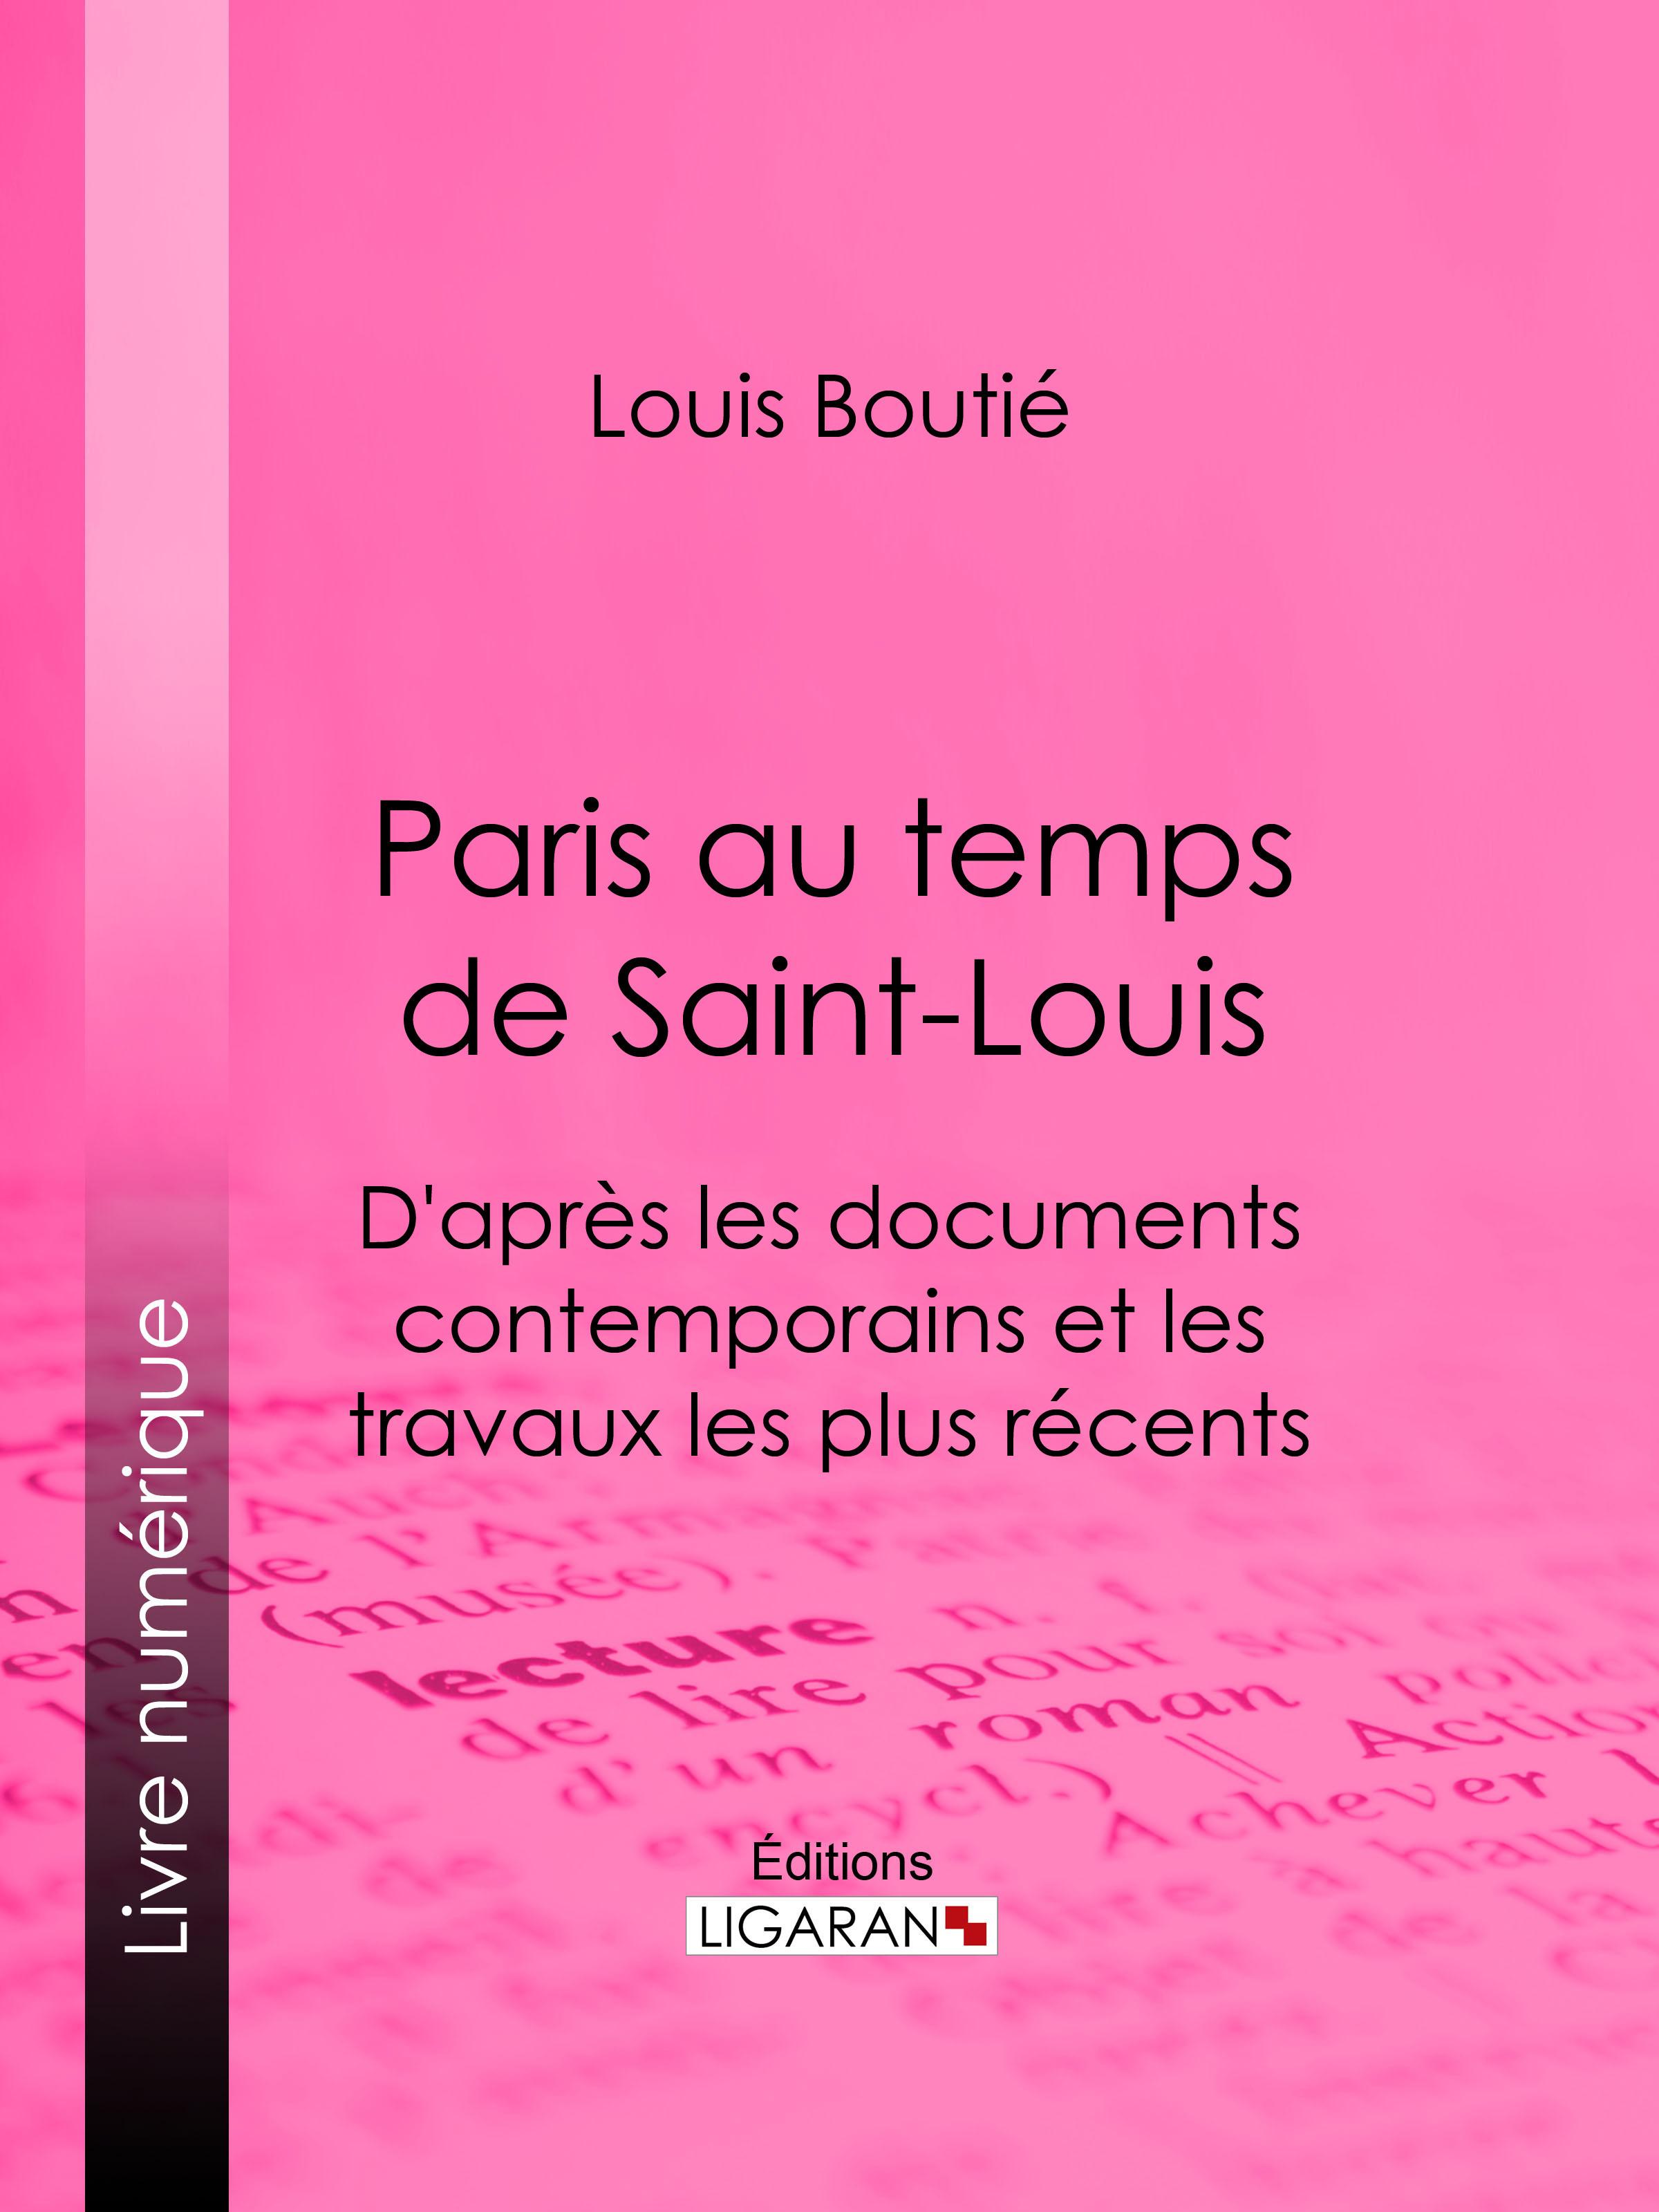 Paris au temps de Saint-Louis